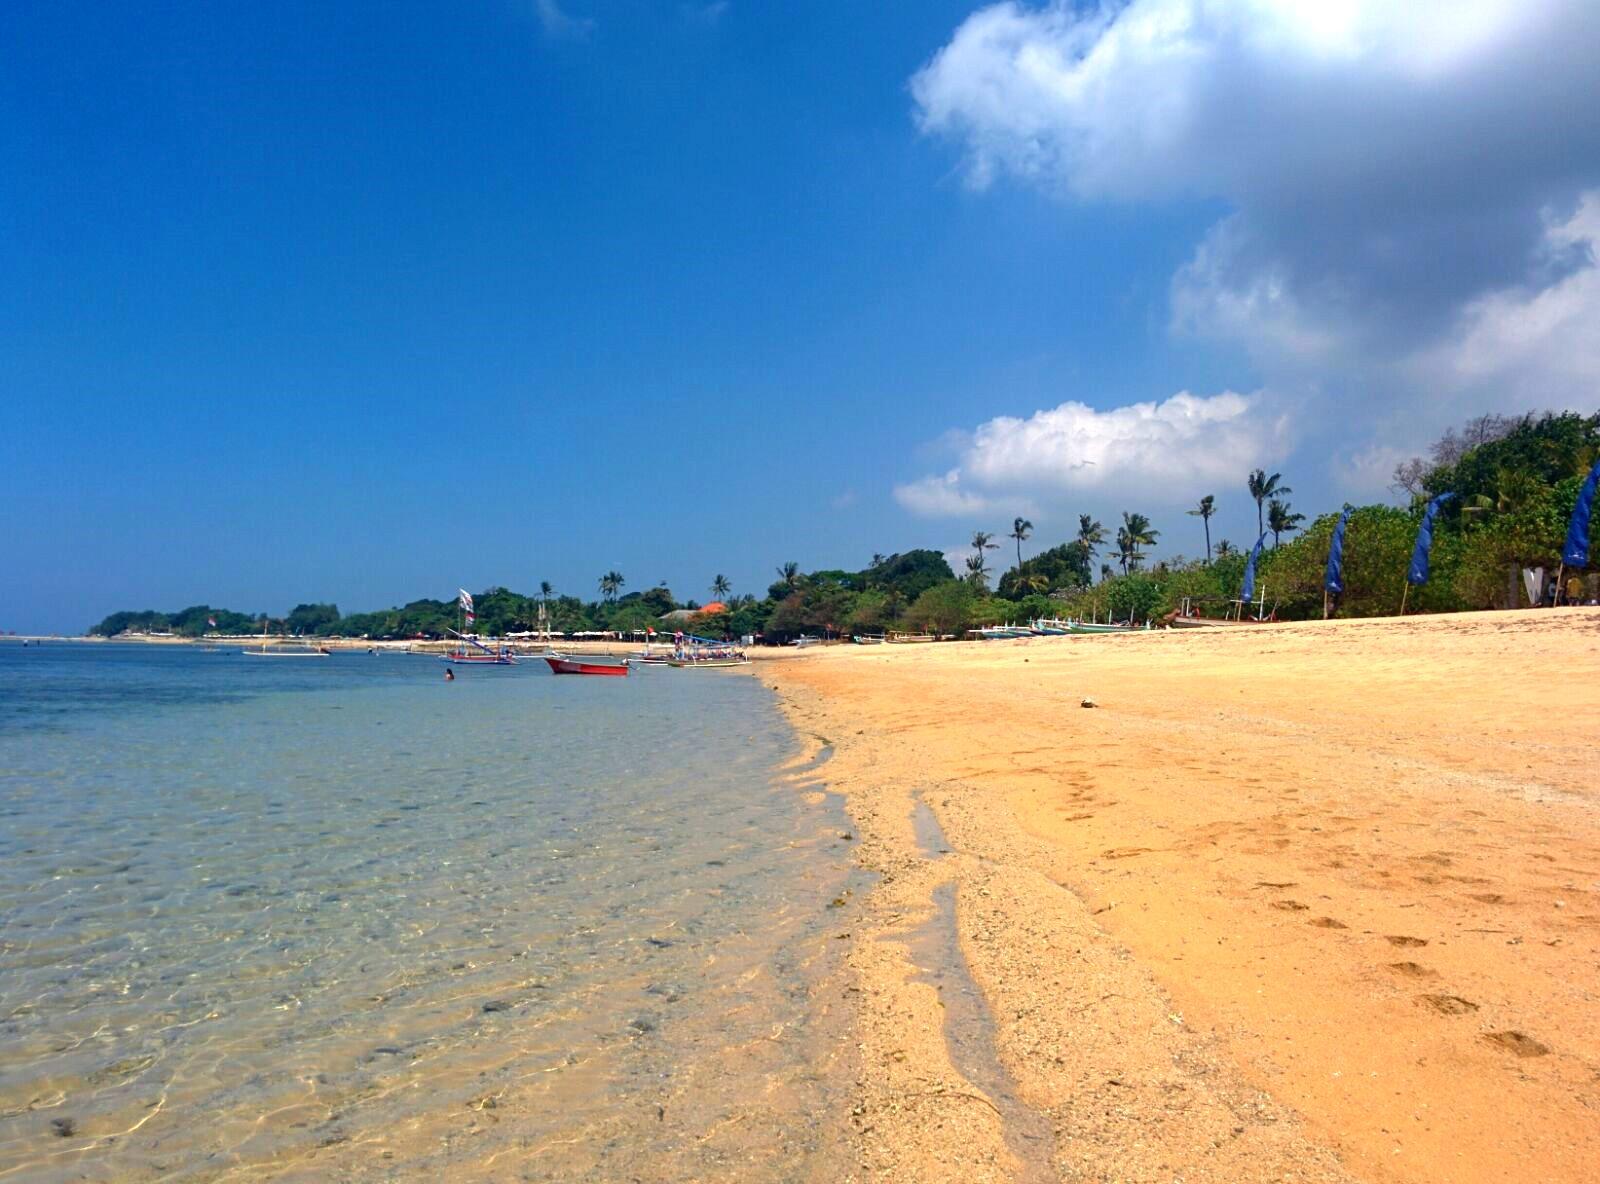 plage-sanur-bali-eau-bleue